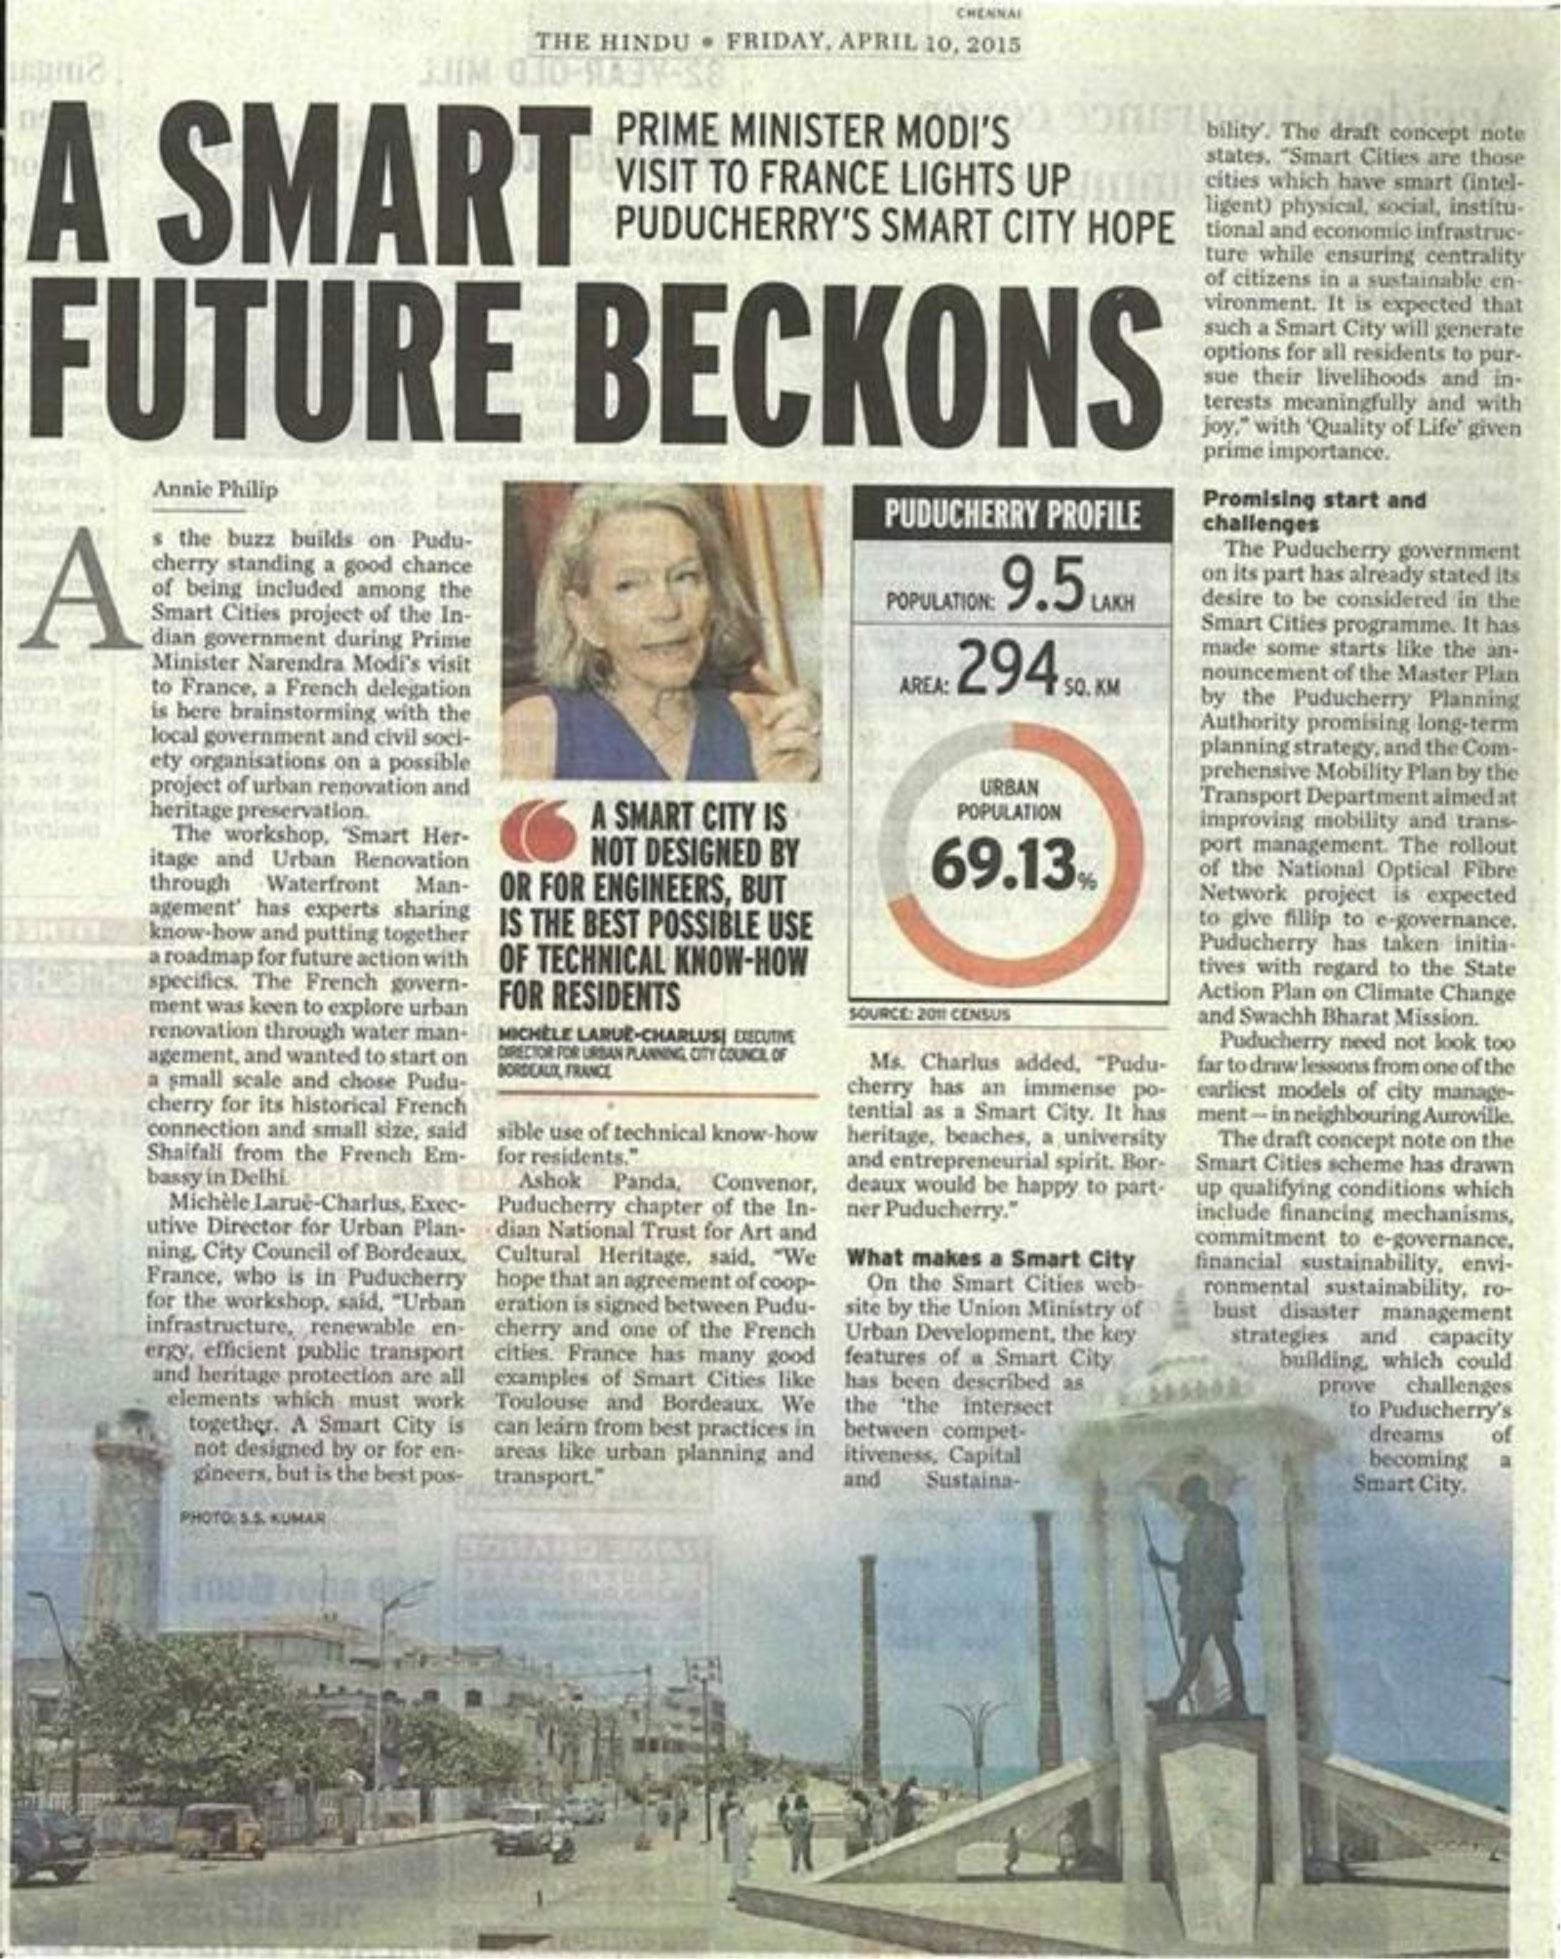 A-smart-future-beckons